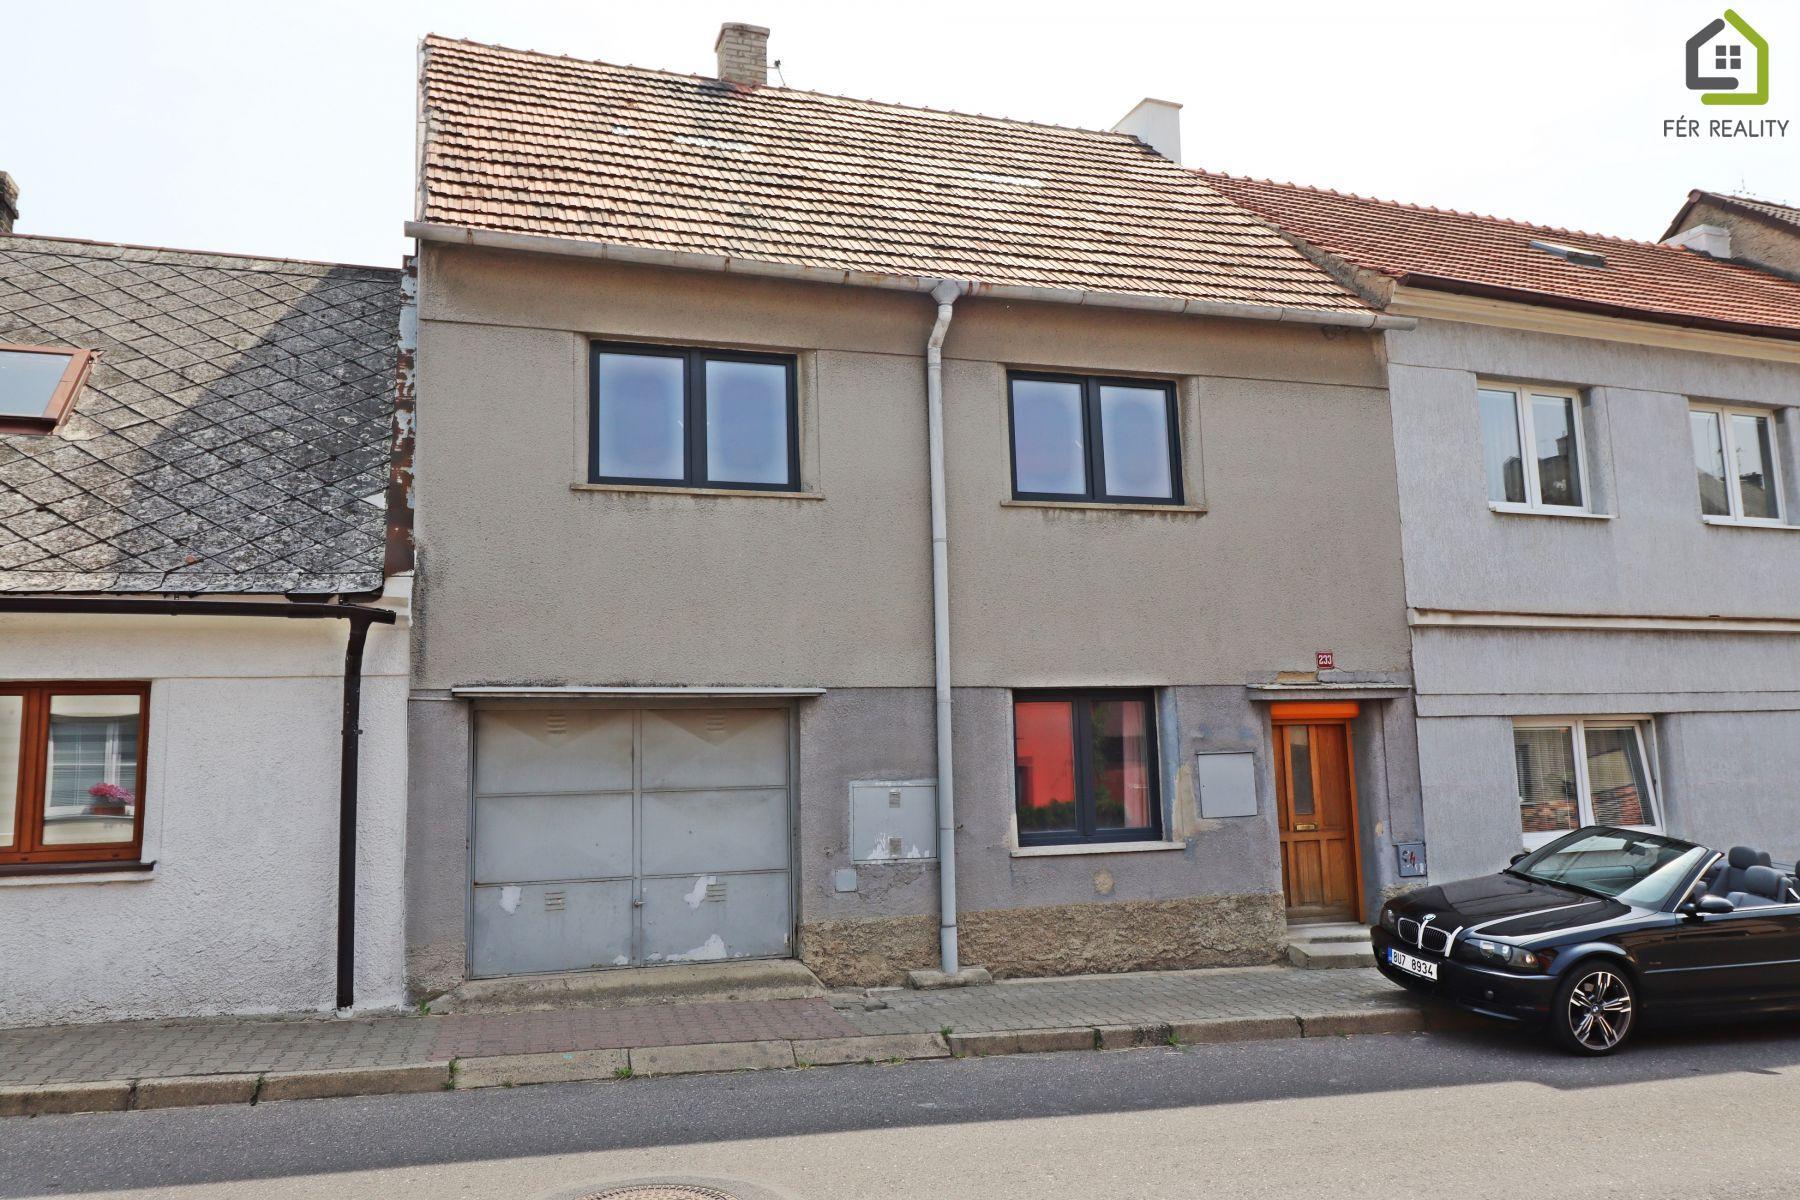 Prodej rodinného domu 150 m2, pozemek 156 m2